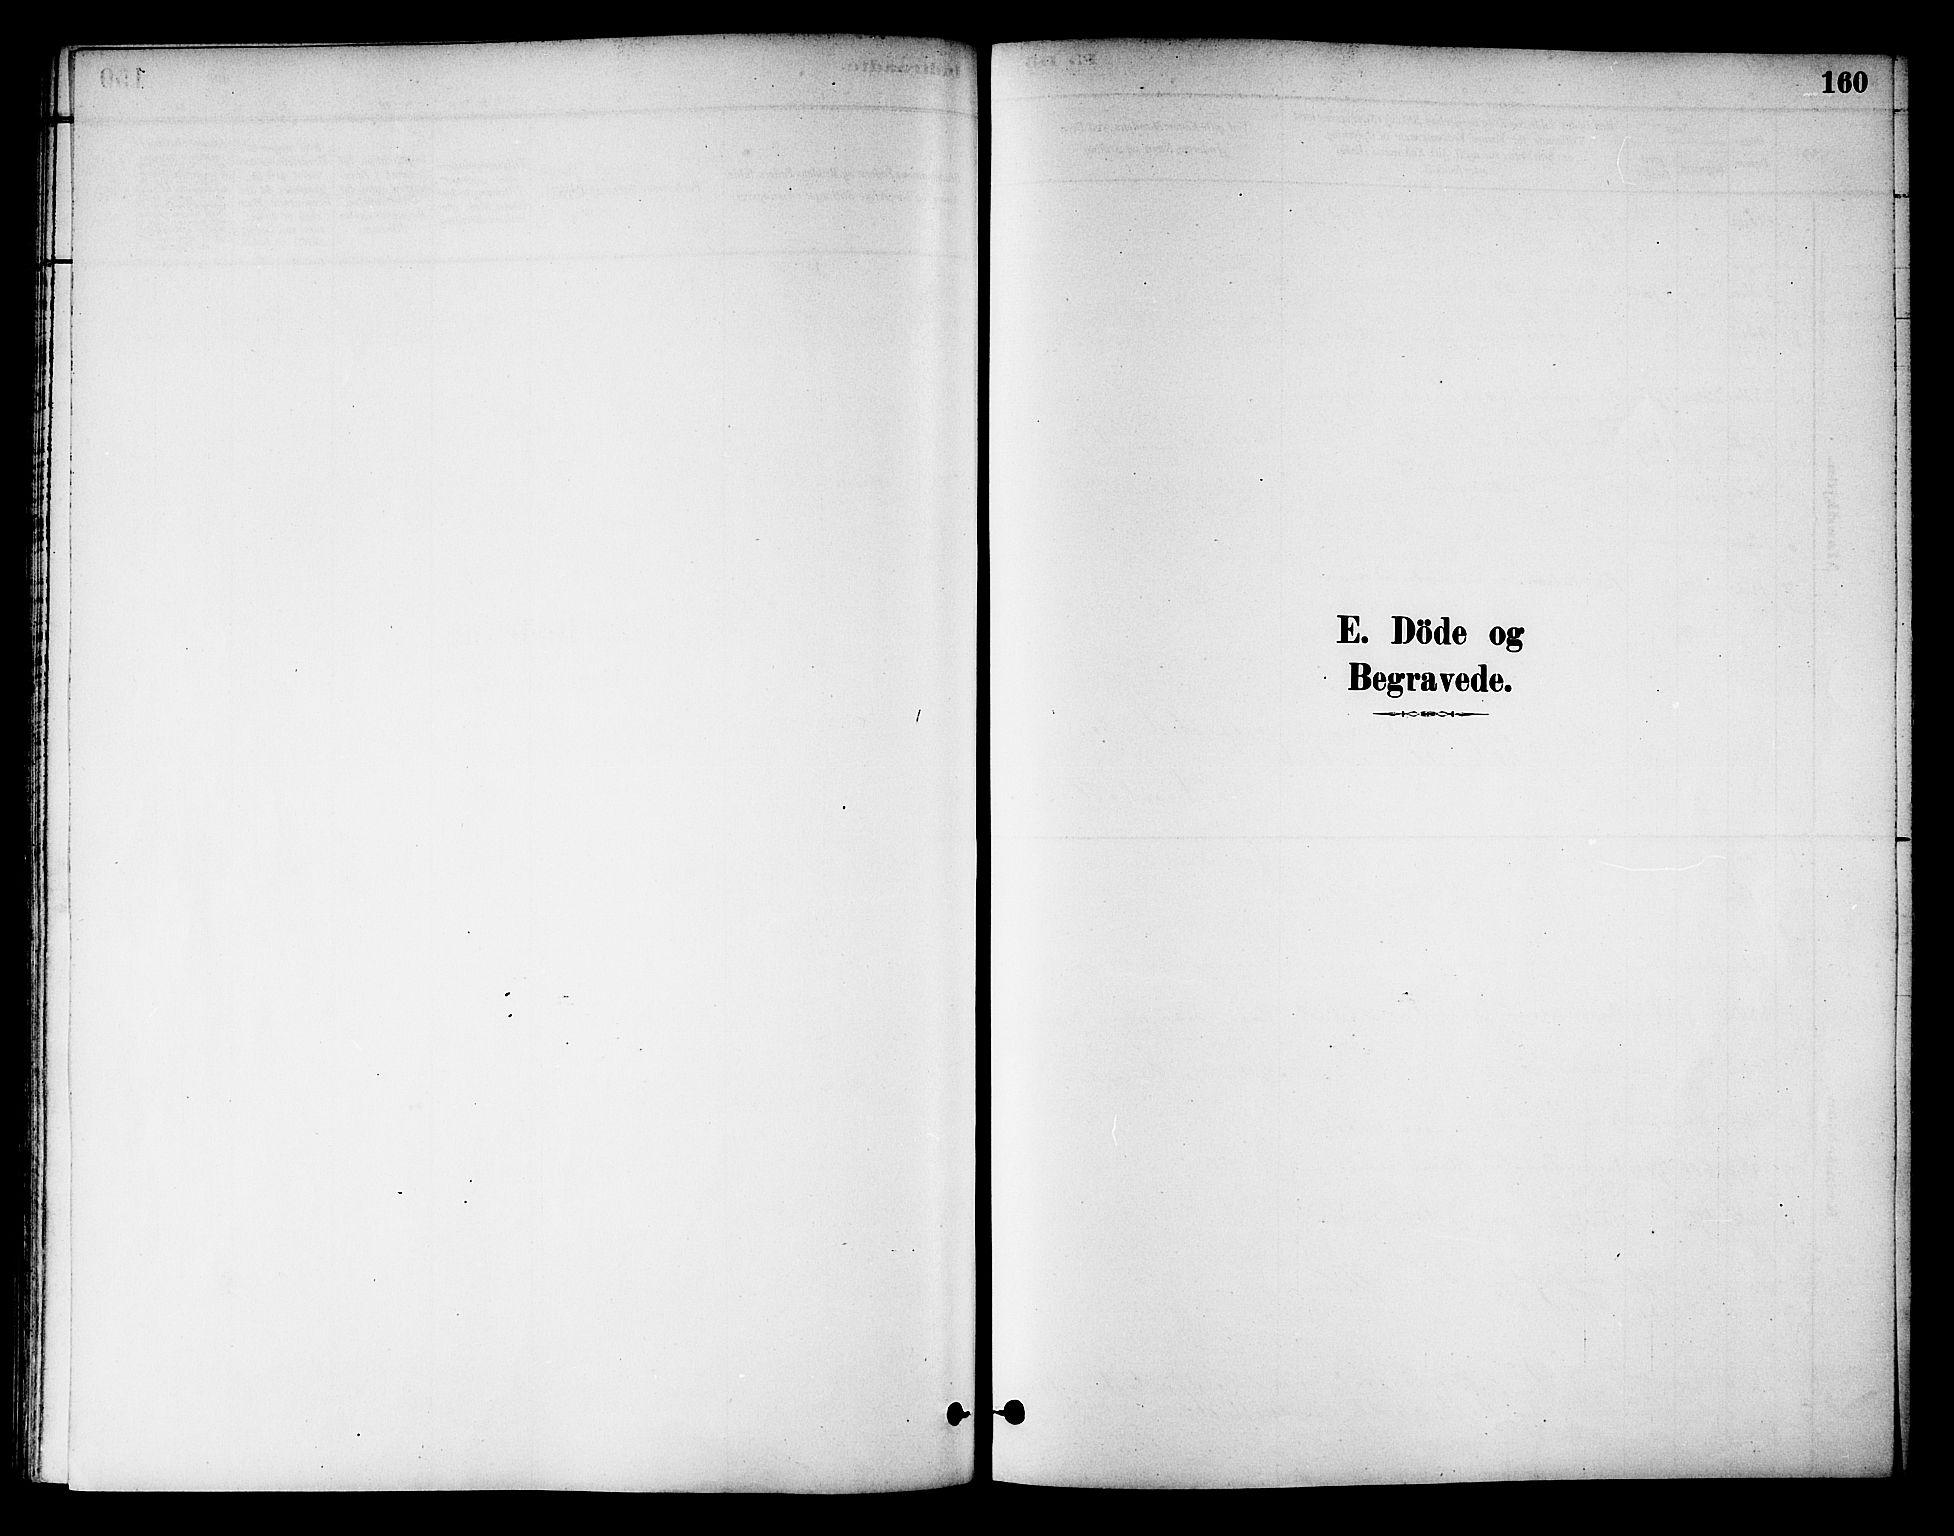 SAT, Ministerialprotokoller, klokkerbøker og fødselsregistre - Nord-Trøndelag, 784/L0672: Ministerialbok nr. 784A07, 1880-1887, s. 160